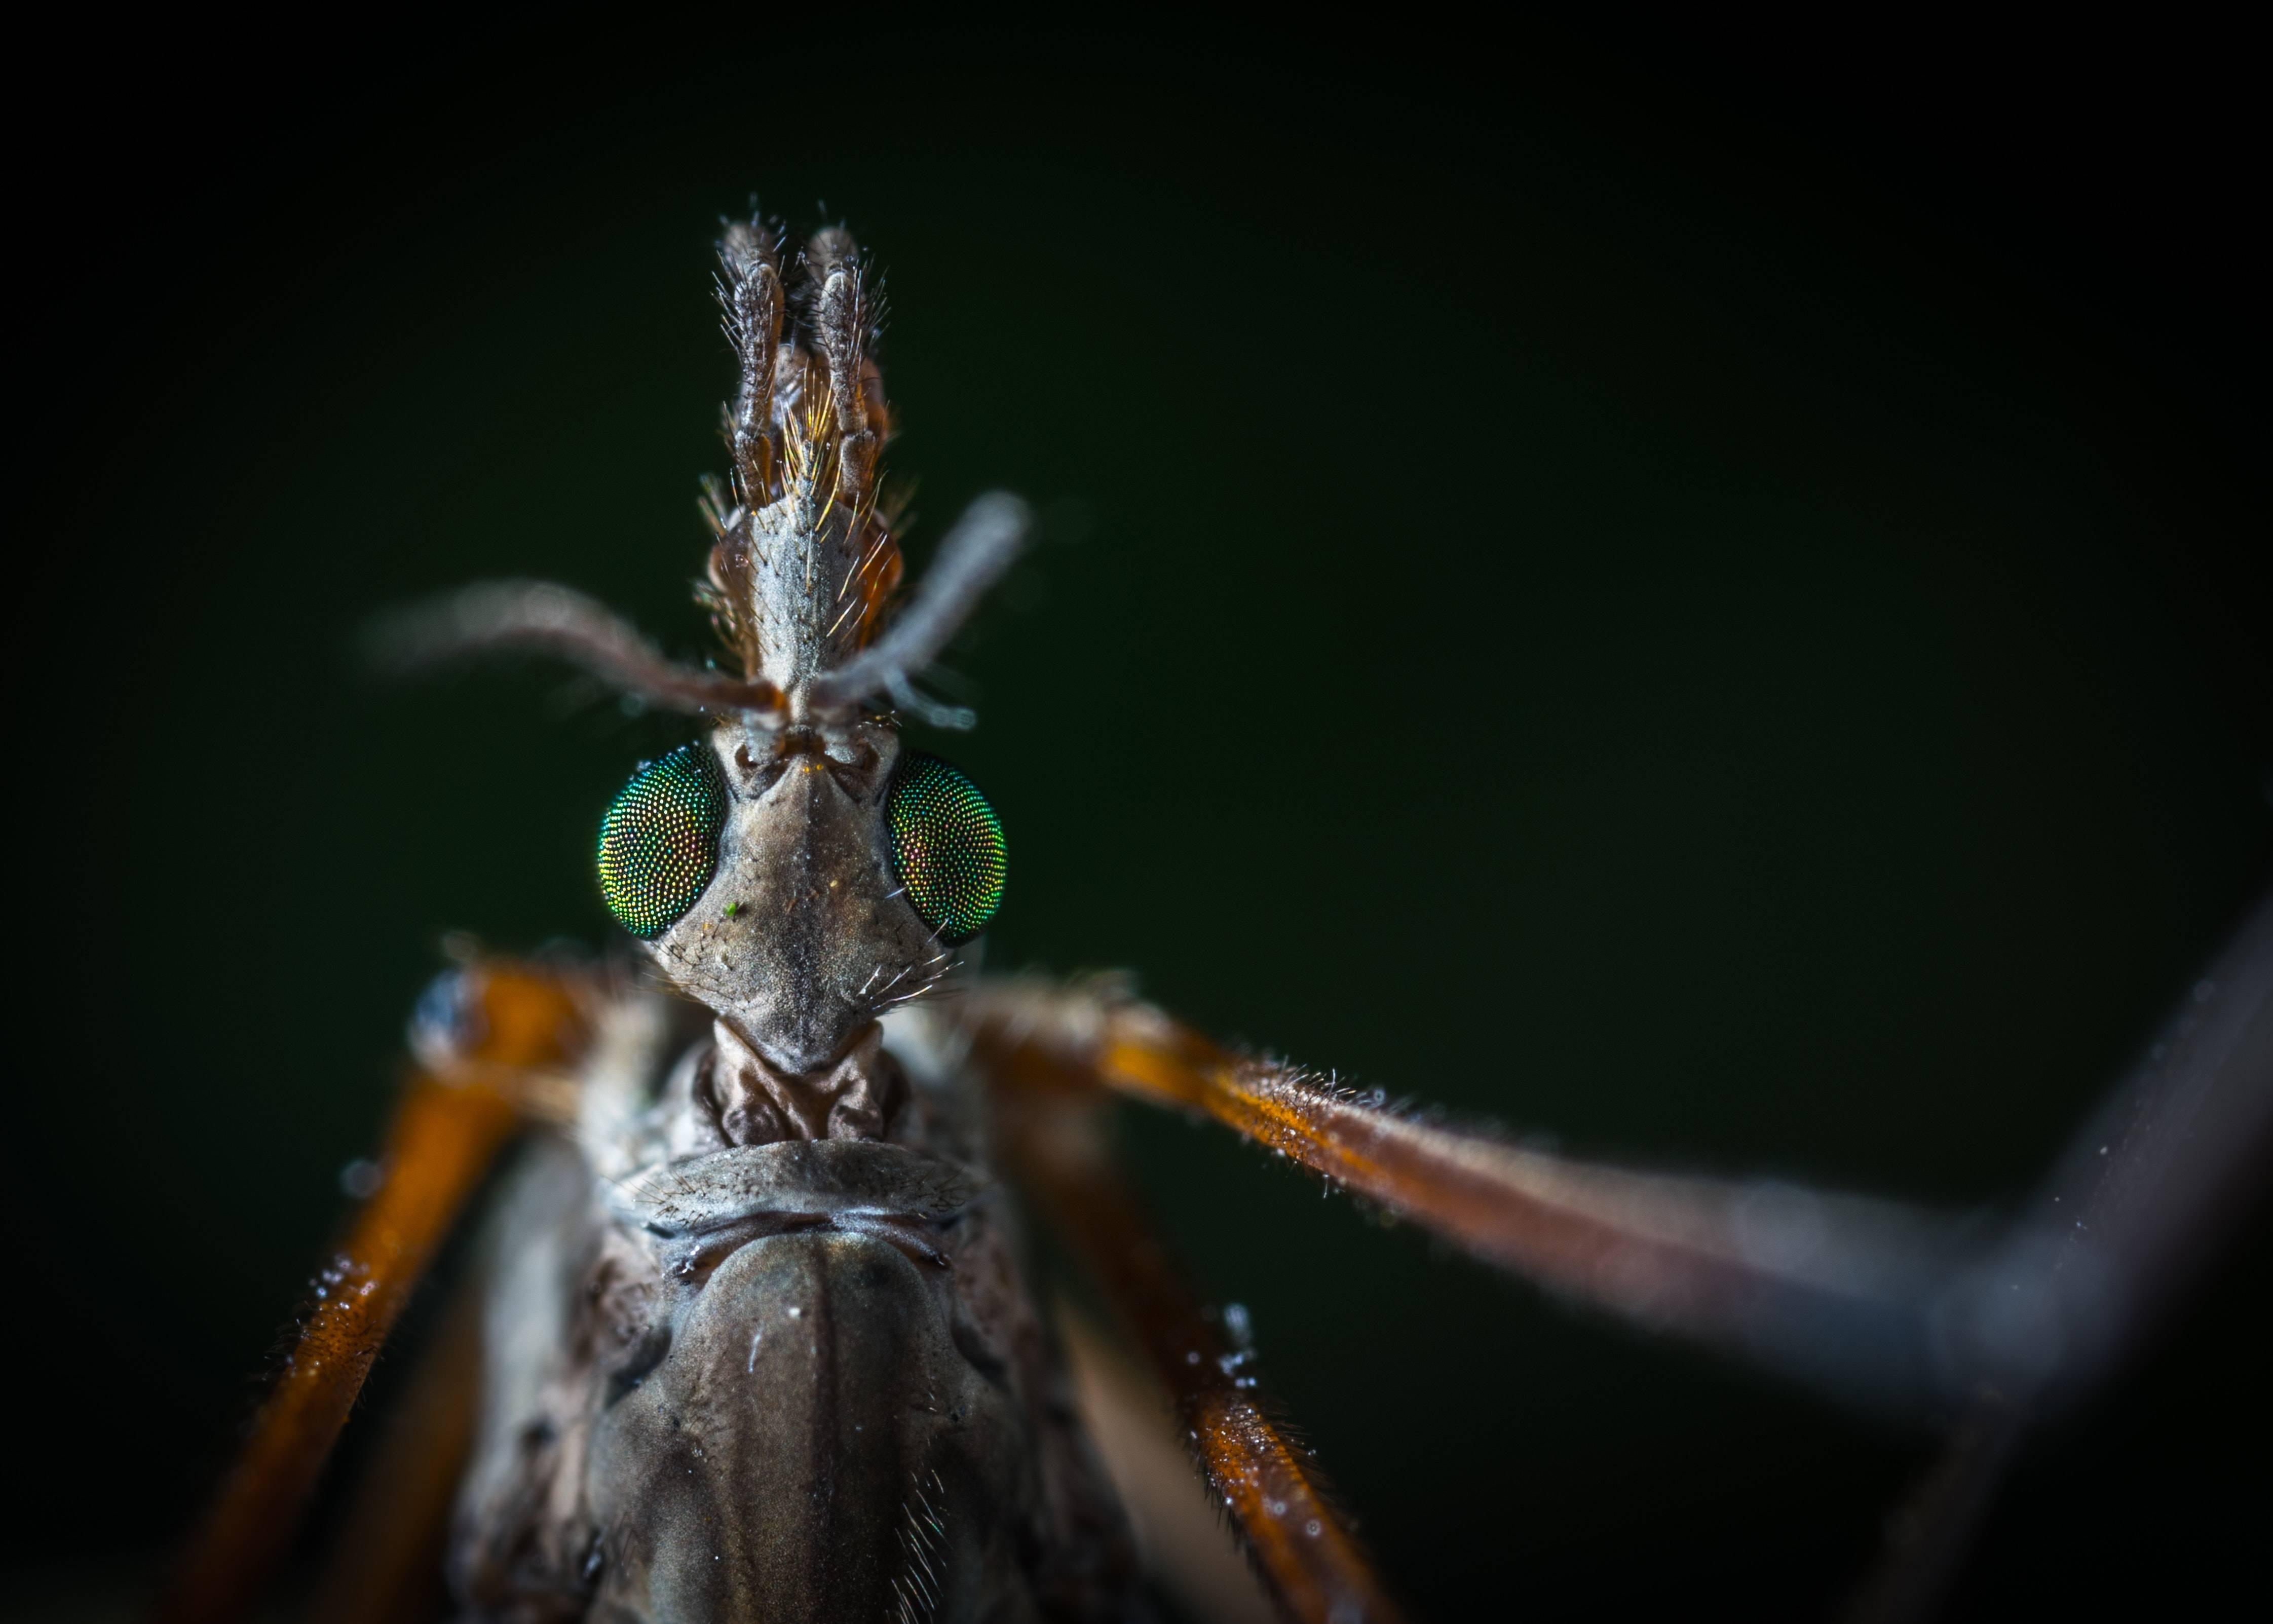 Зеленые комары в квартире - что за насекомые  на кого похожи